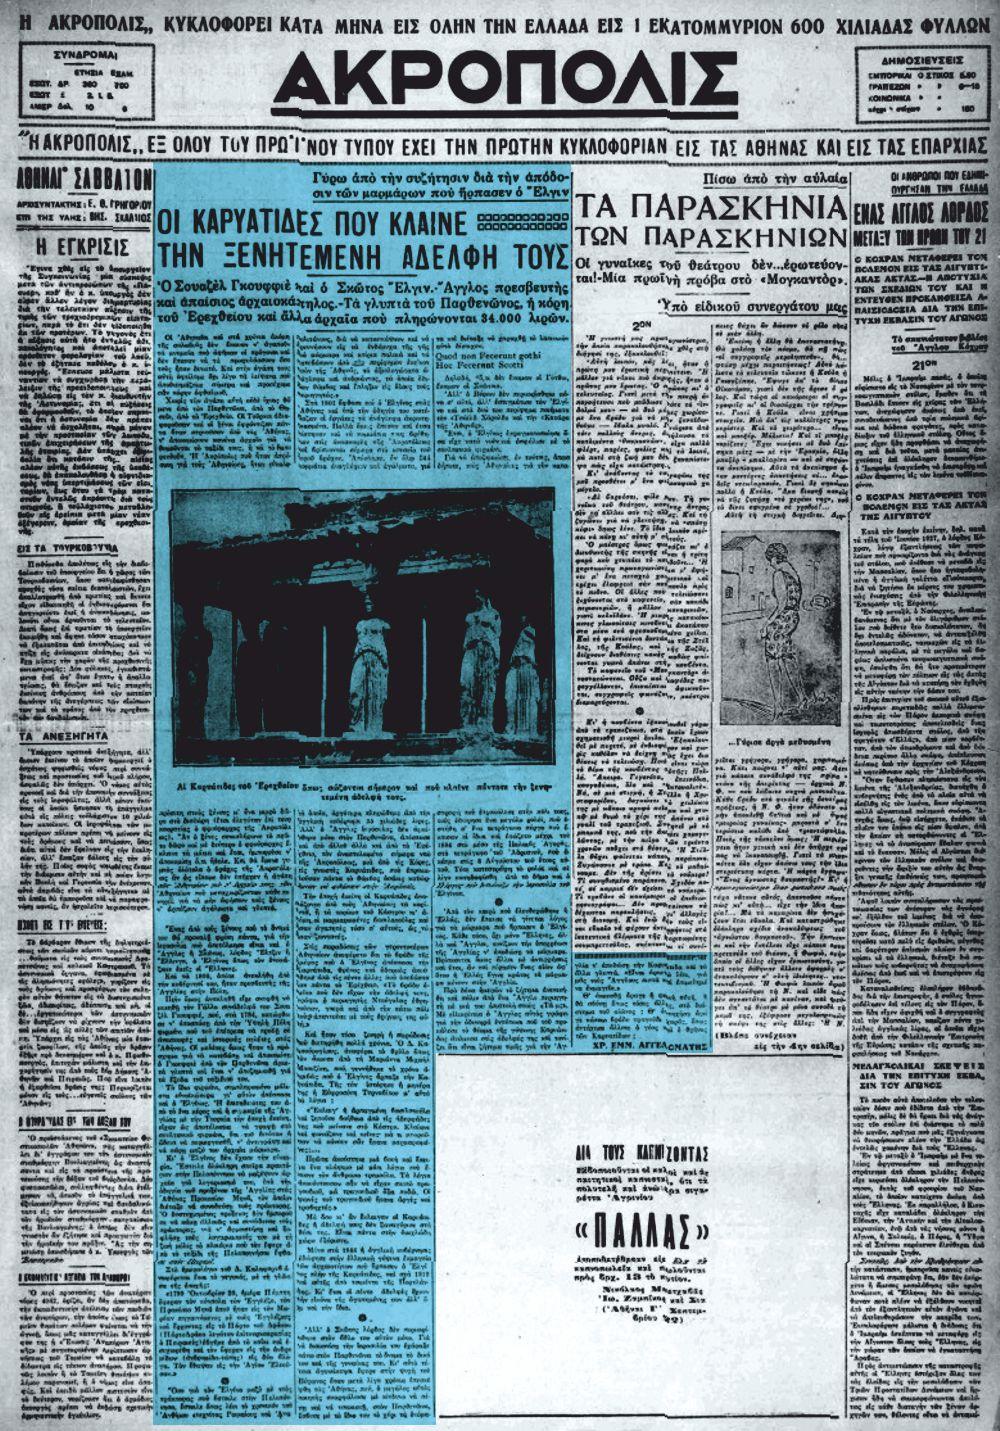 """Το άρθρο, όπως δημοσιεύθηκε στην εφημερίδα """"ΑΚΡΟΠΟΛΙΣ"""", στις 05/07/1930"""